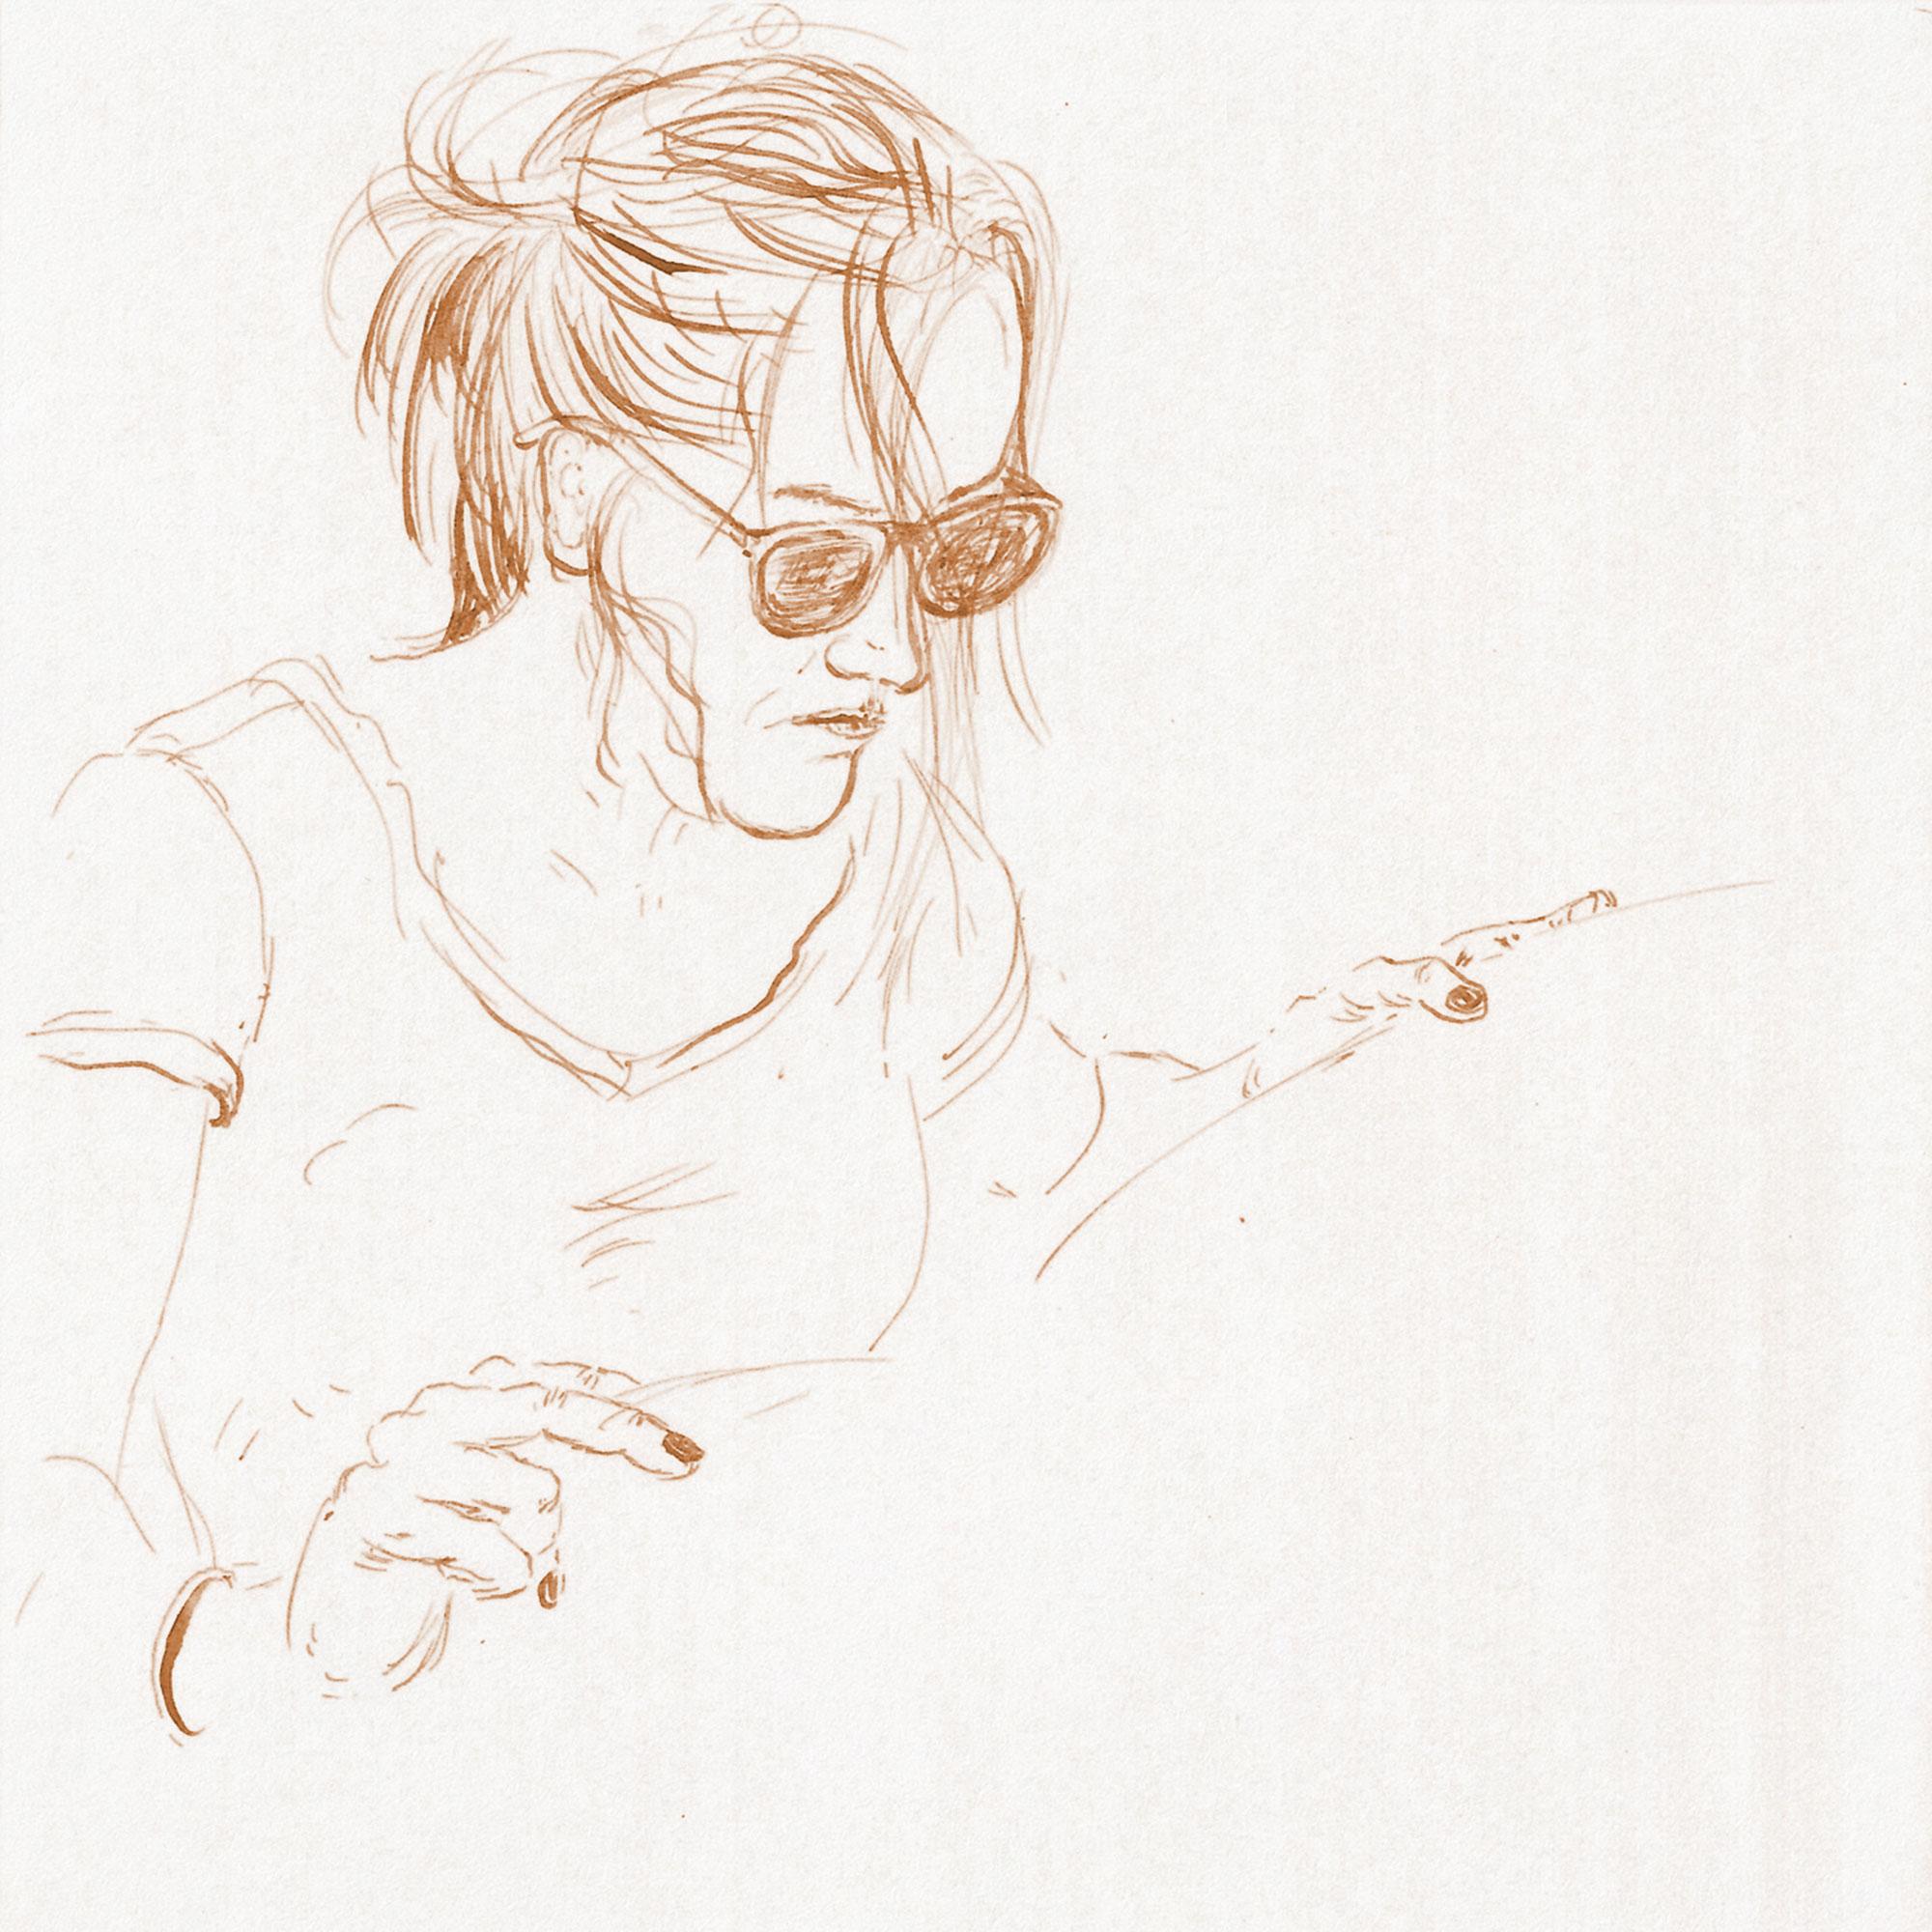 Simone Sept 16